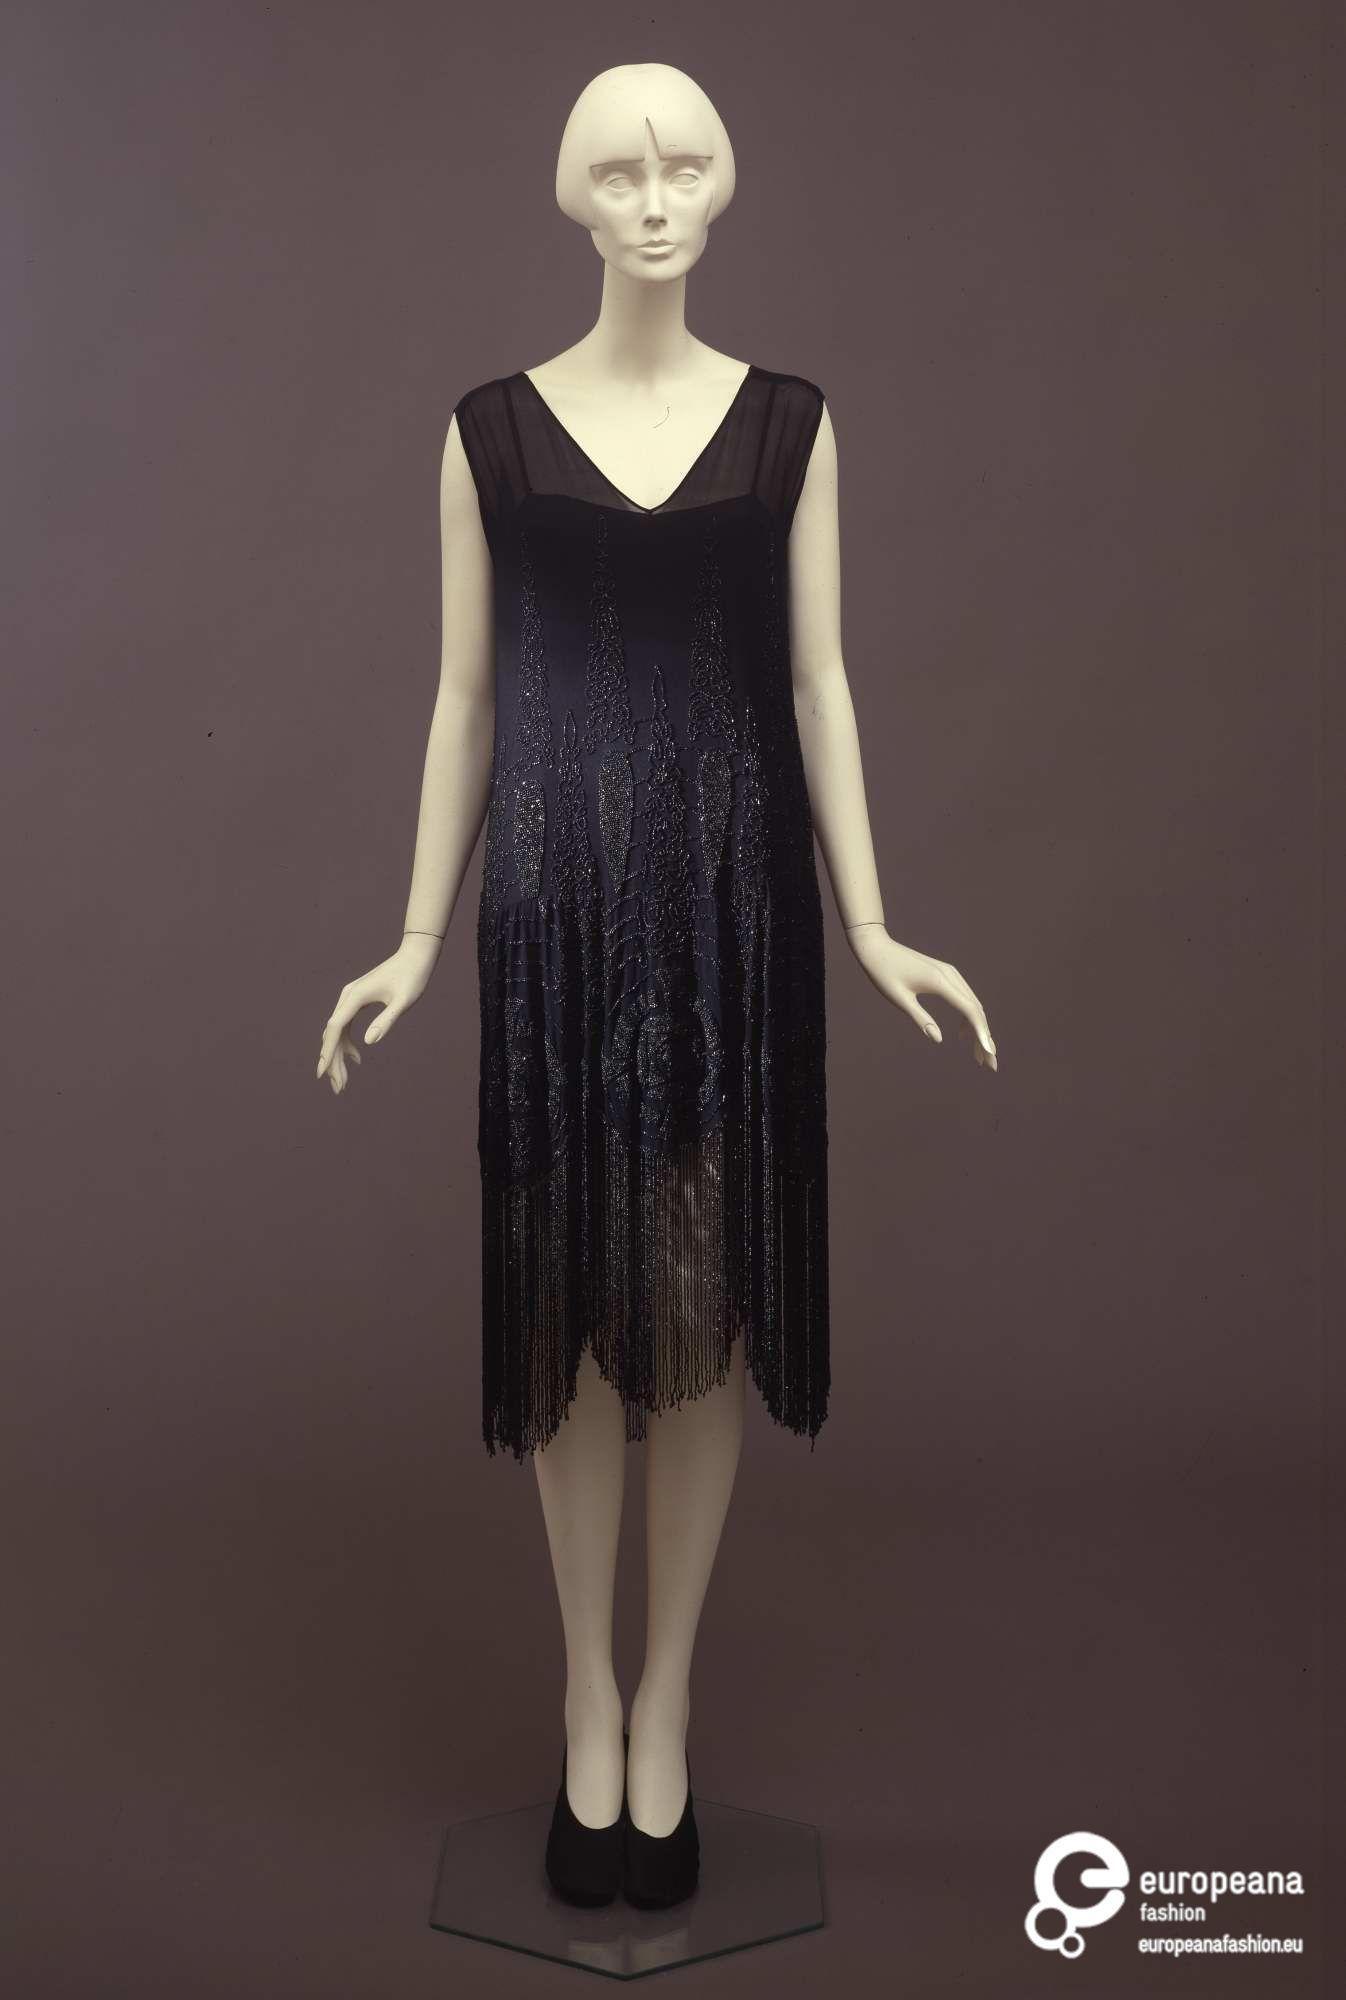 Abiti Femminili Da Cerimonia.Abito Femminile Da Cerimonia 1920s Fashion Women 1900 Clothing